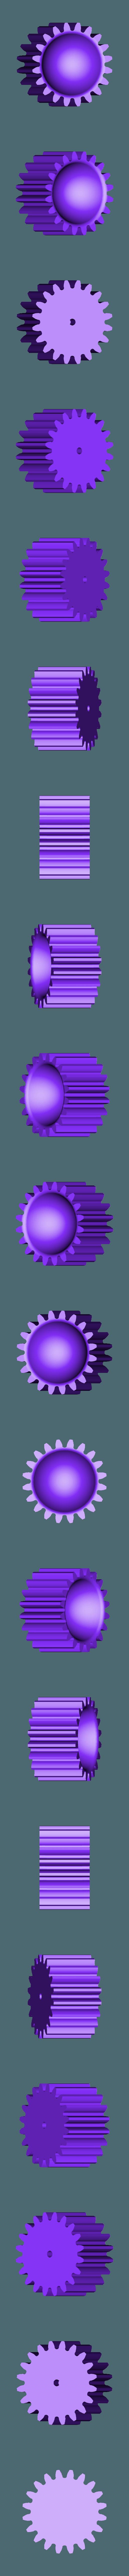 CenterGear.stl Download free STL file MechanicalEggHolder • 3D printable object, Digitang3D